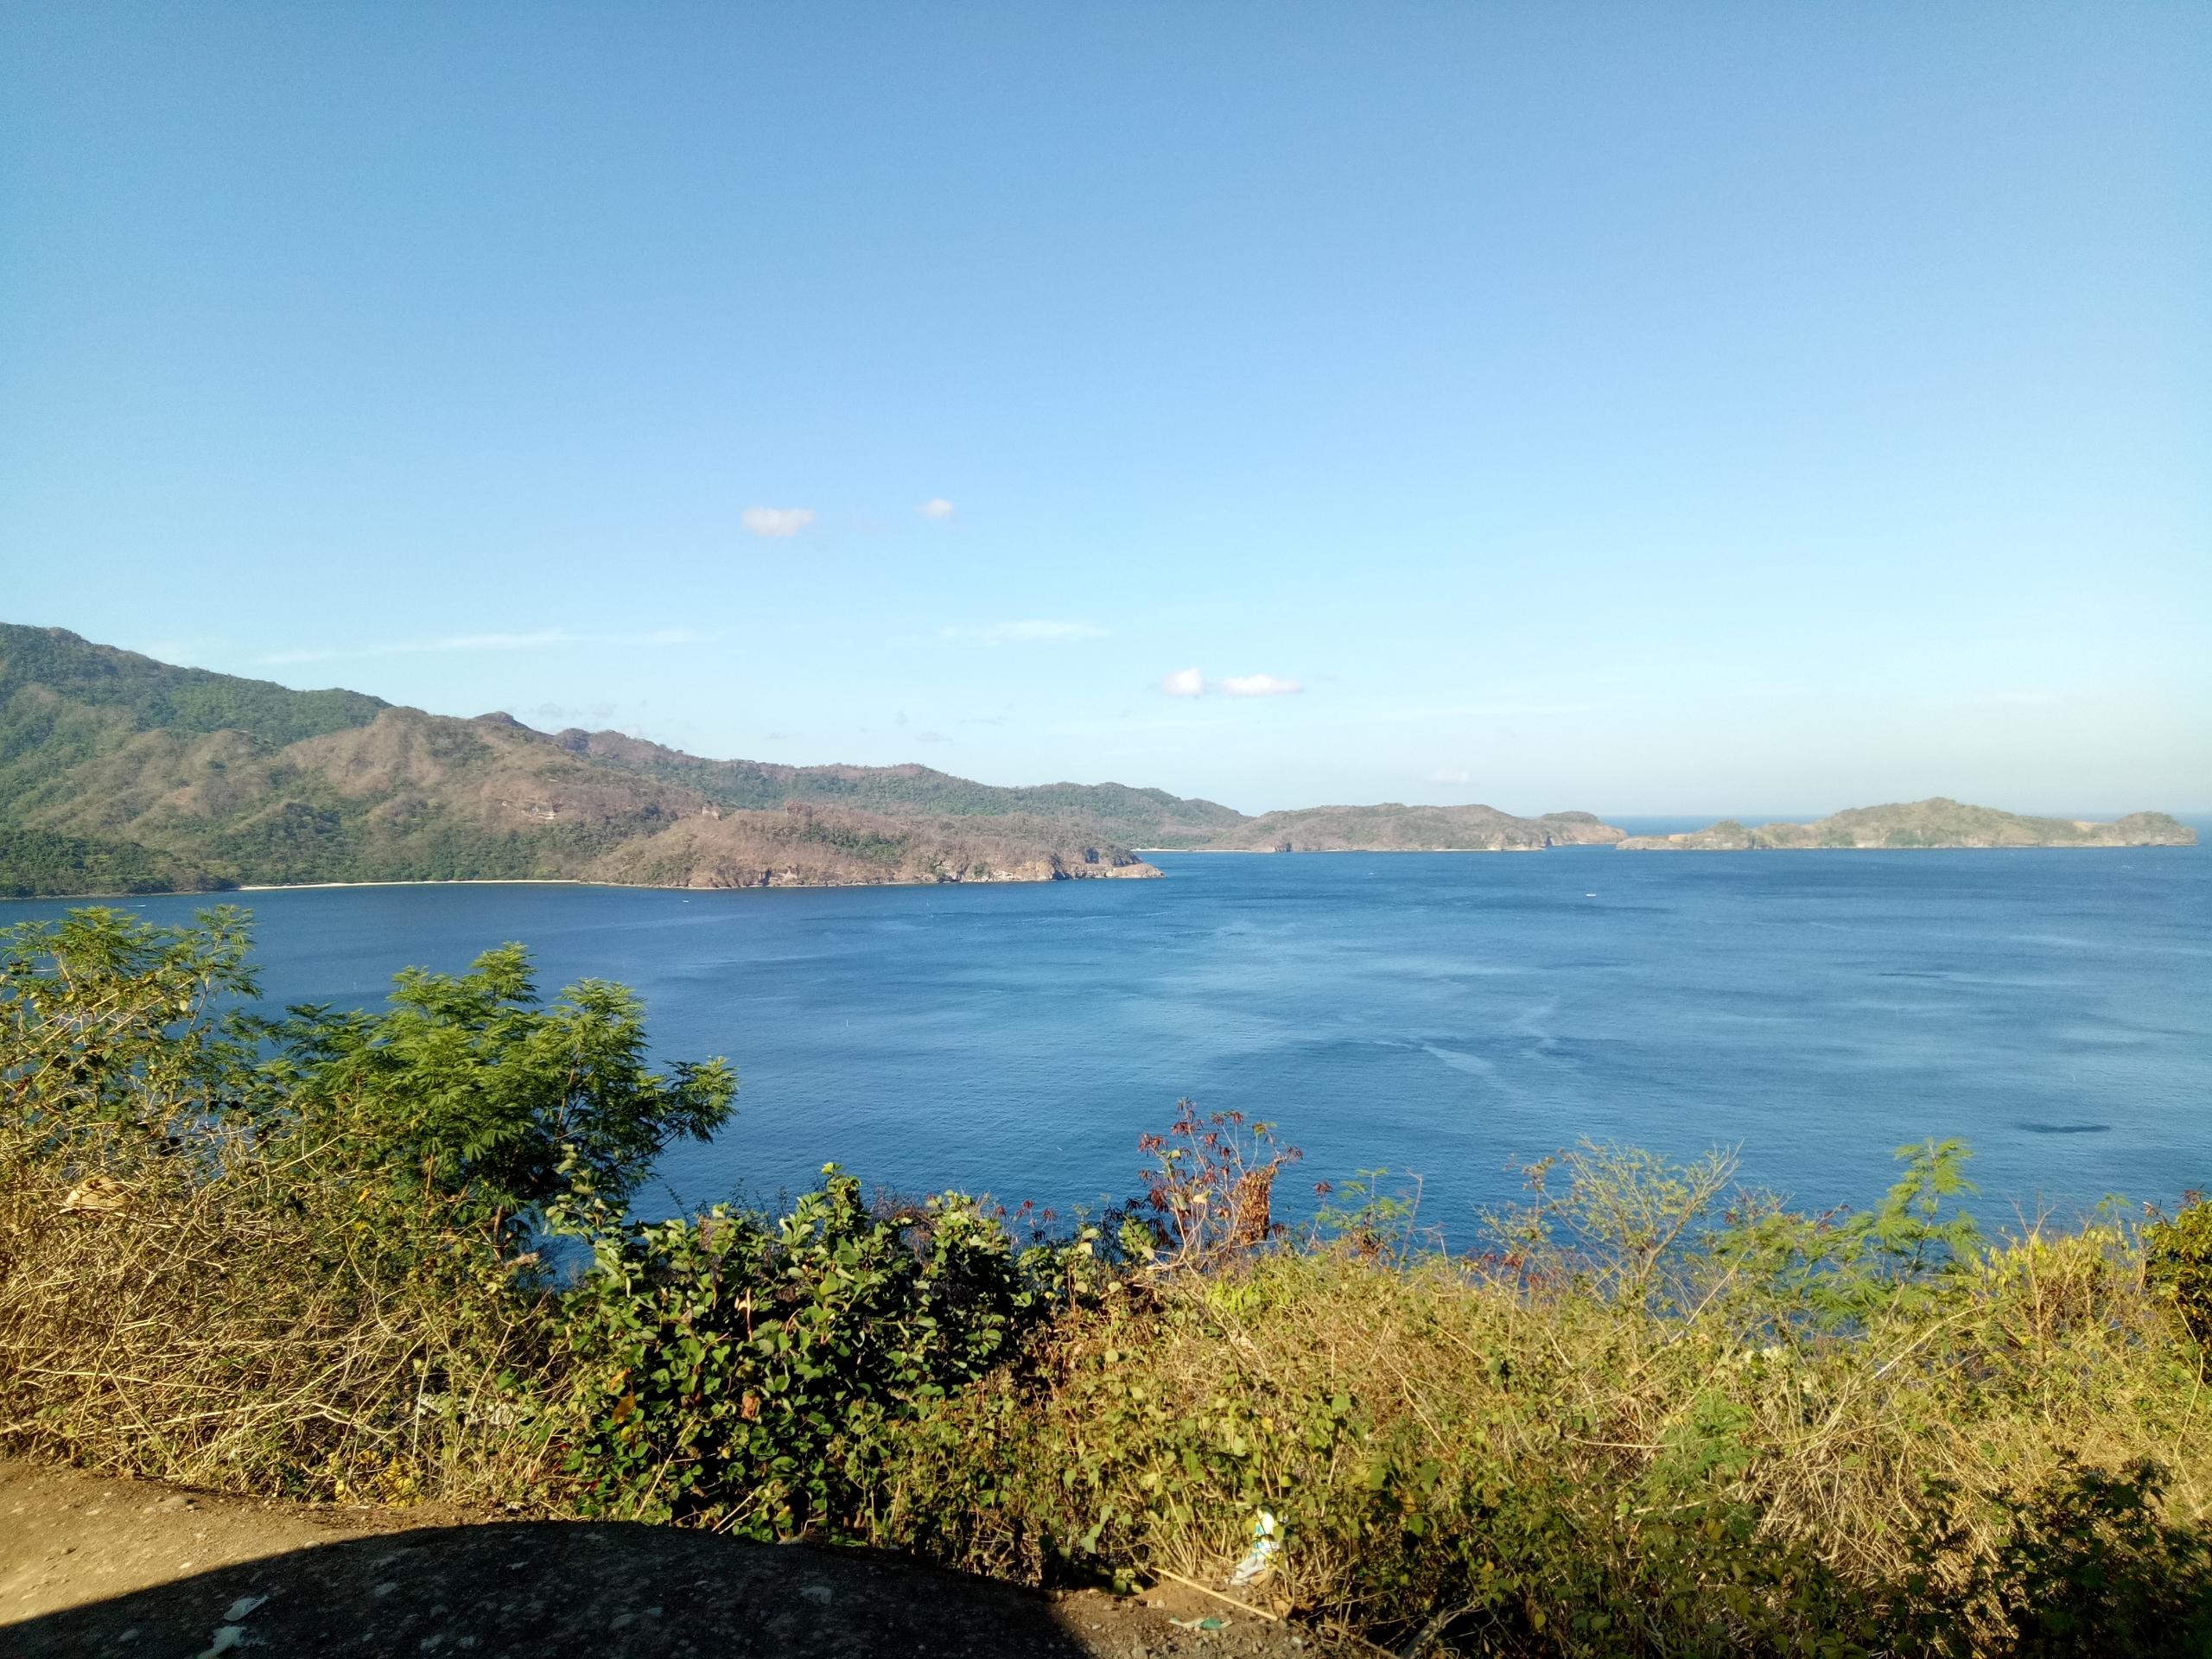 View Nasugbu, Batangas - Travels - rheaiyah | ello